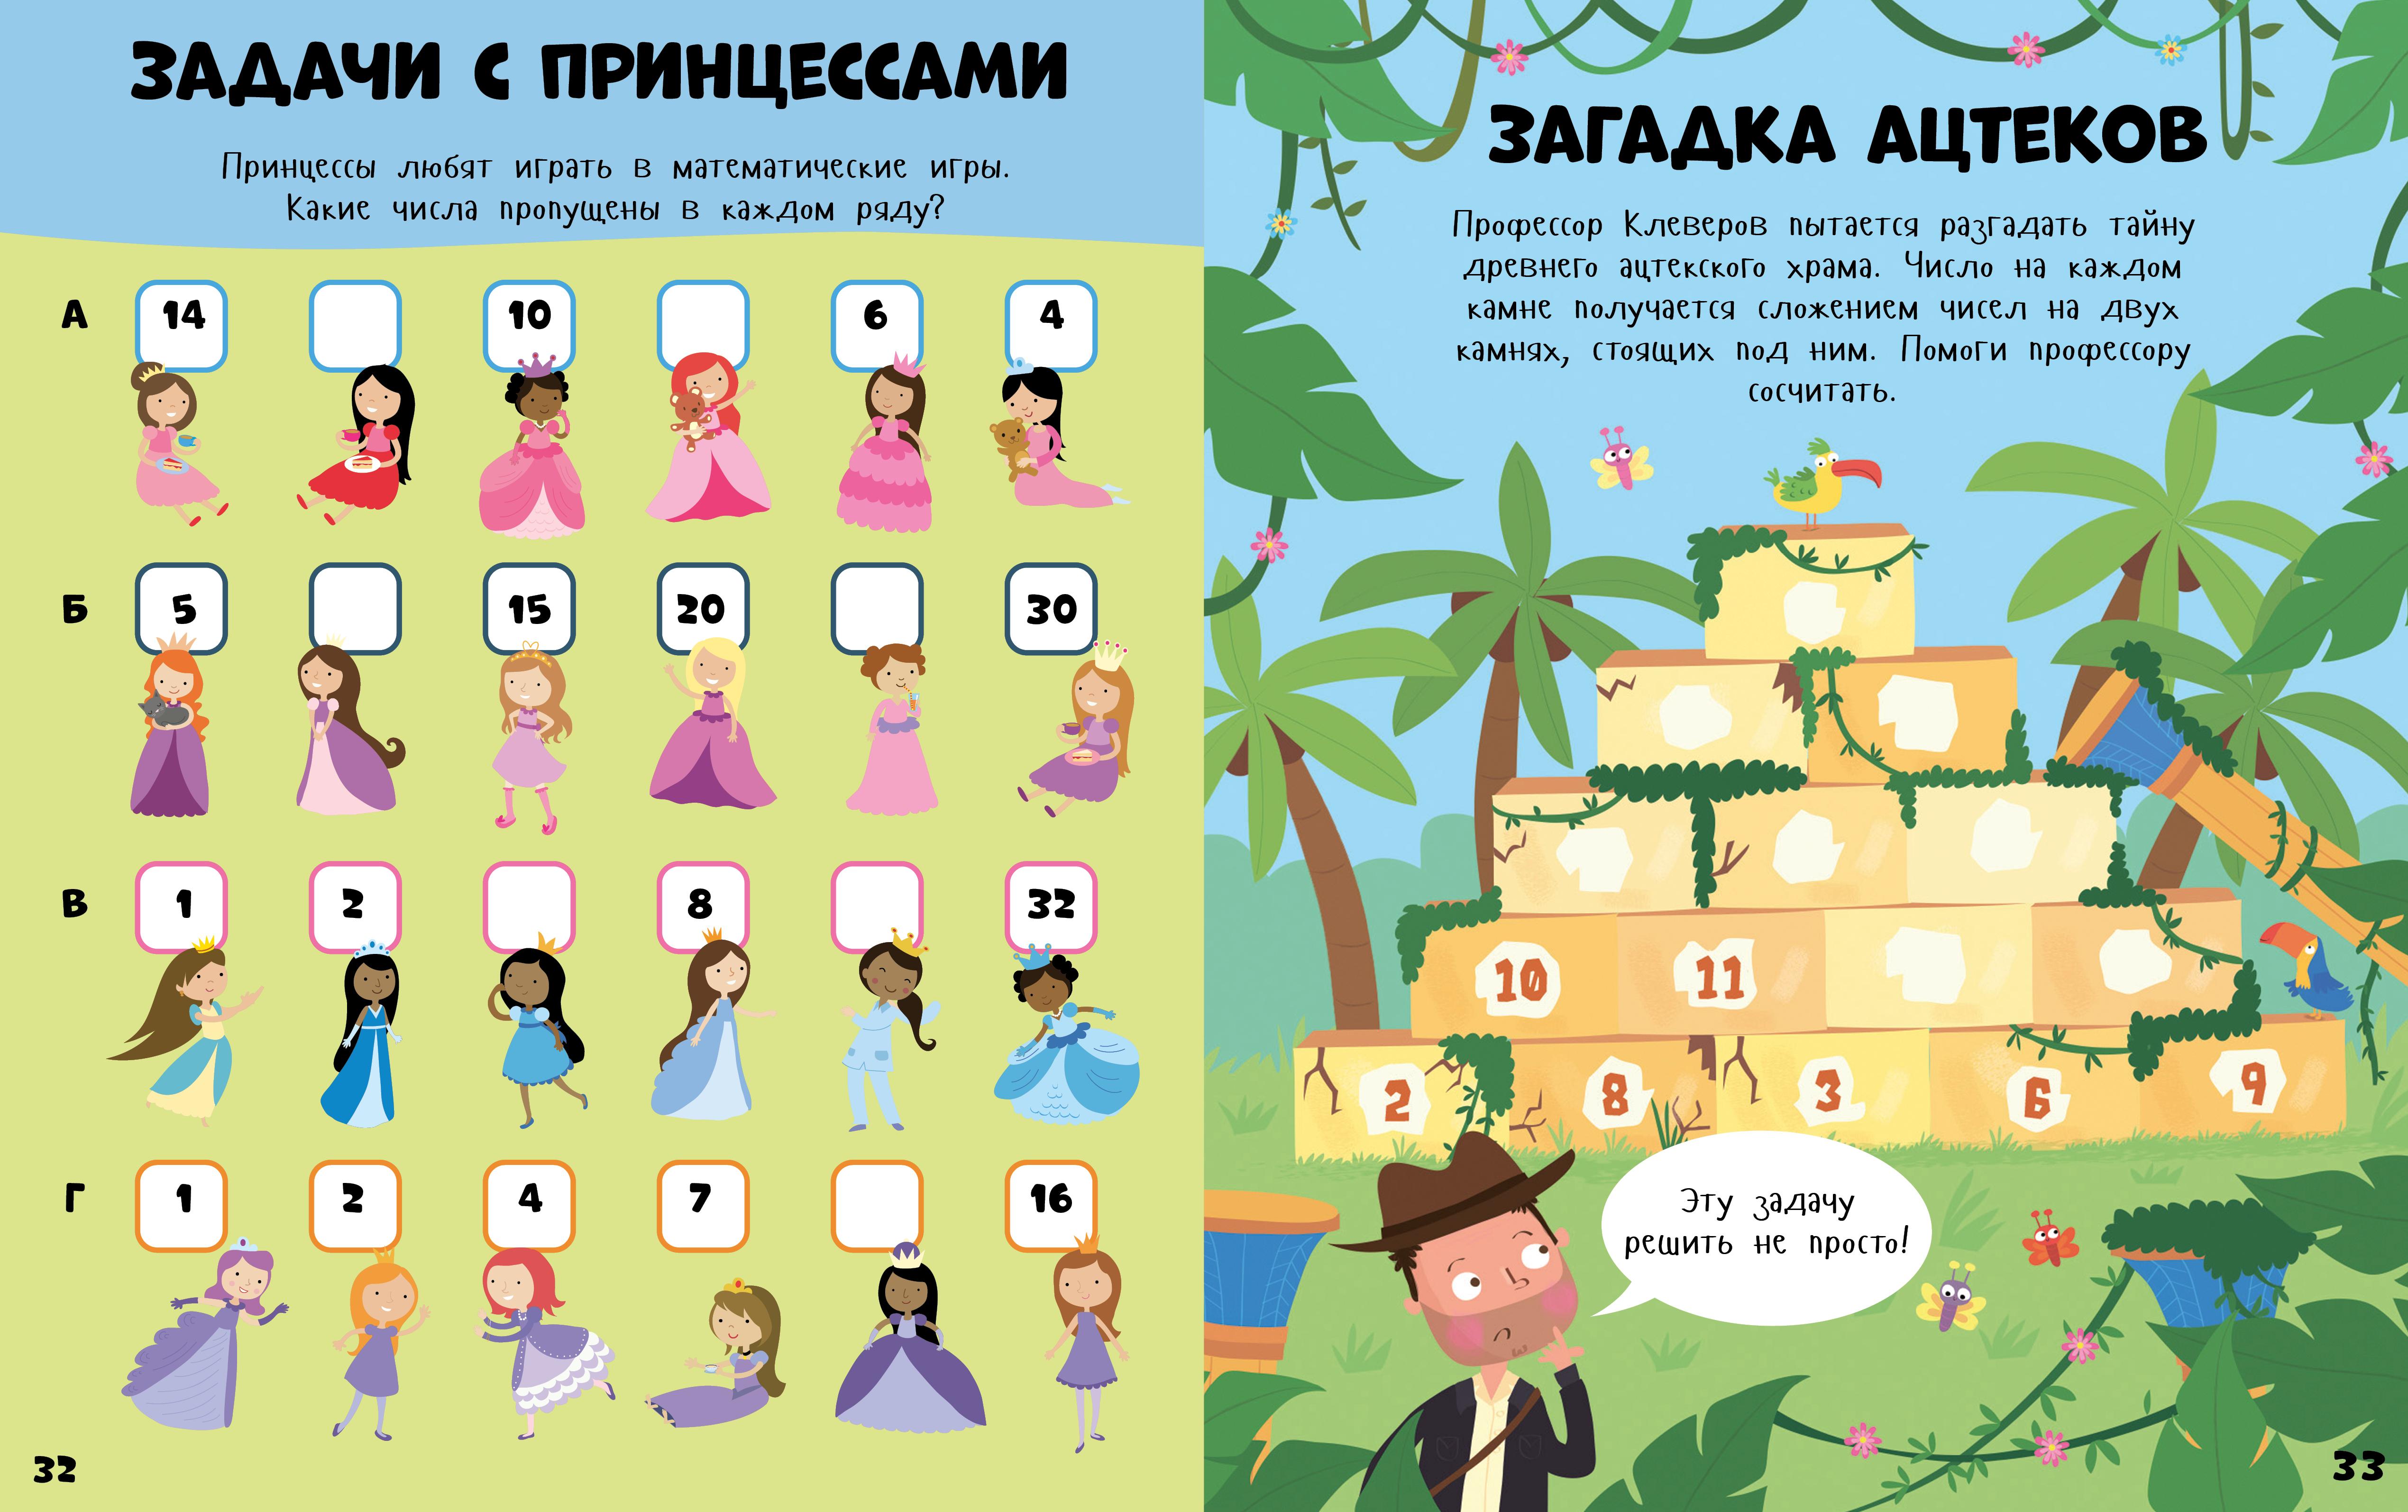 Головоломки картинки для детей, открытку своими руками